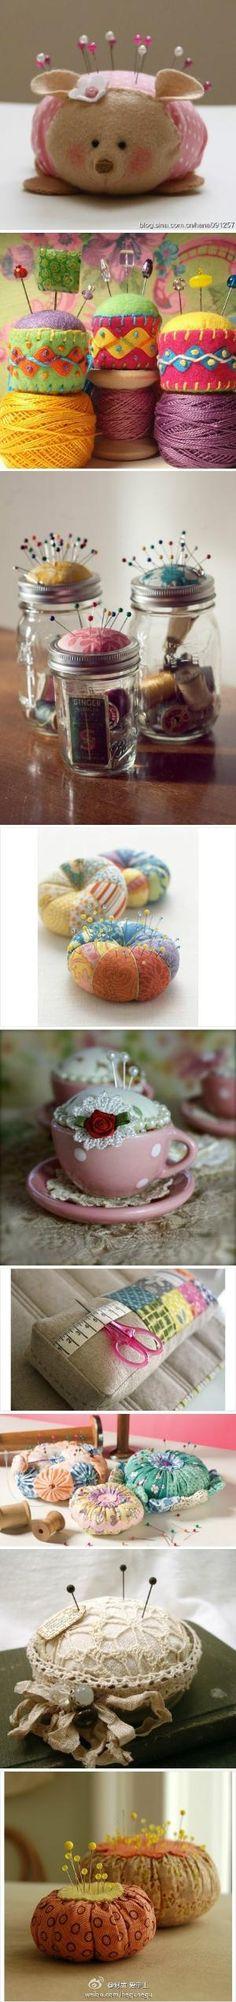 pincushions by jasmine